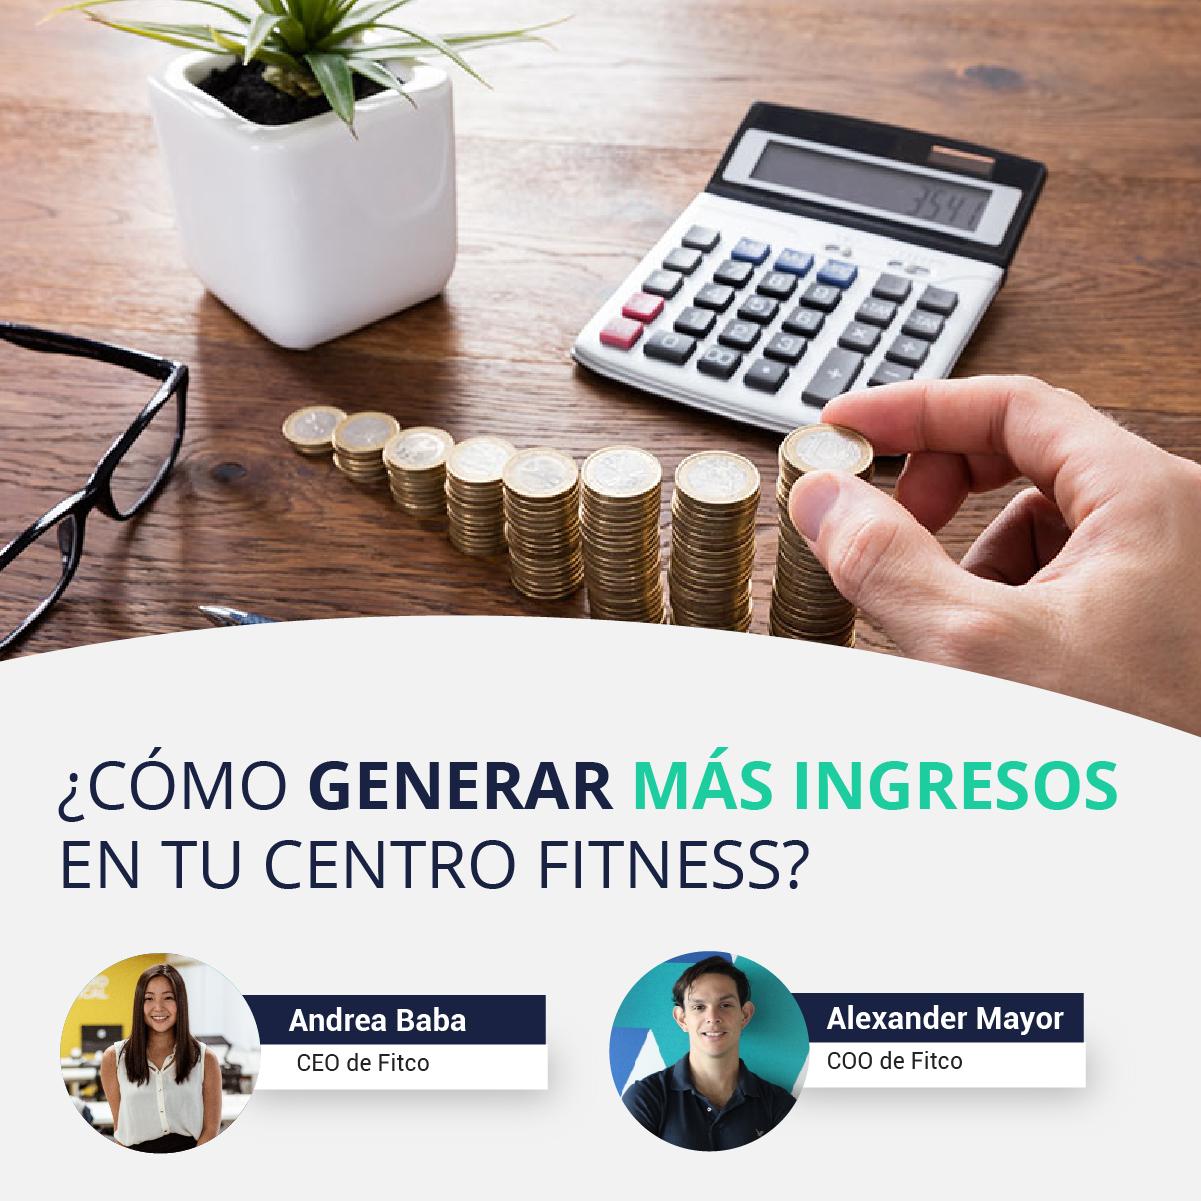 ¿Cómo generar más ingresos en tu centro fitness?